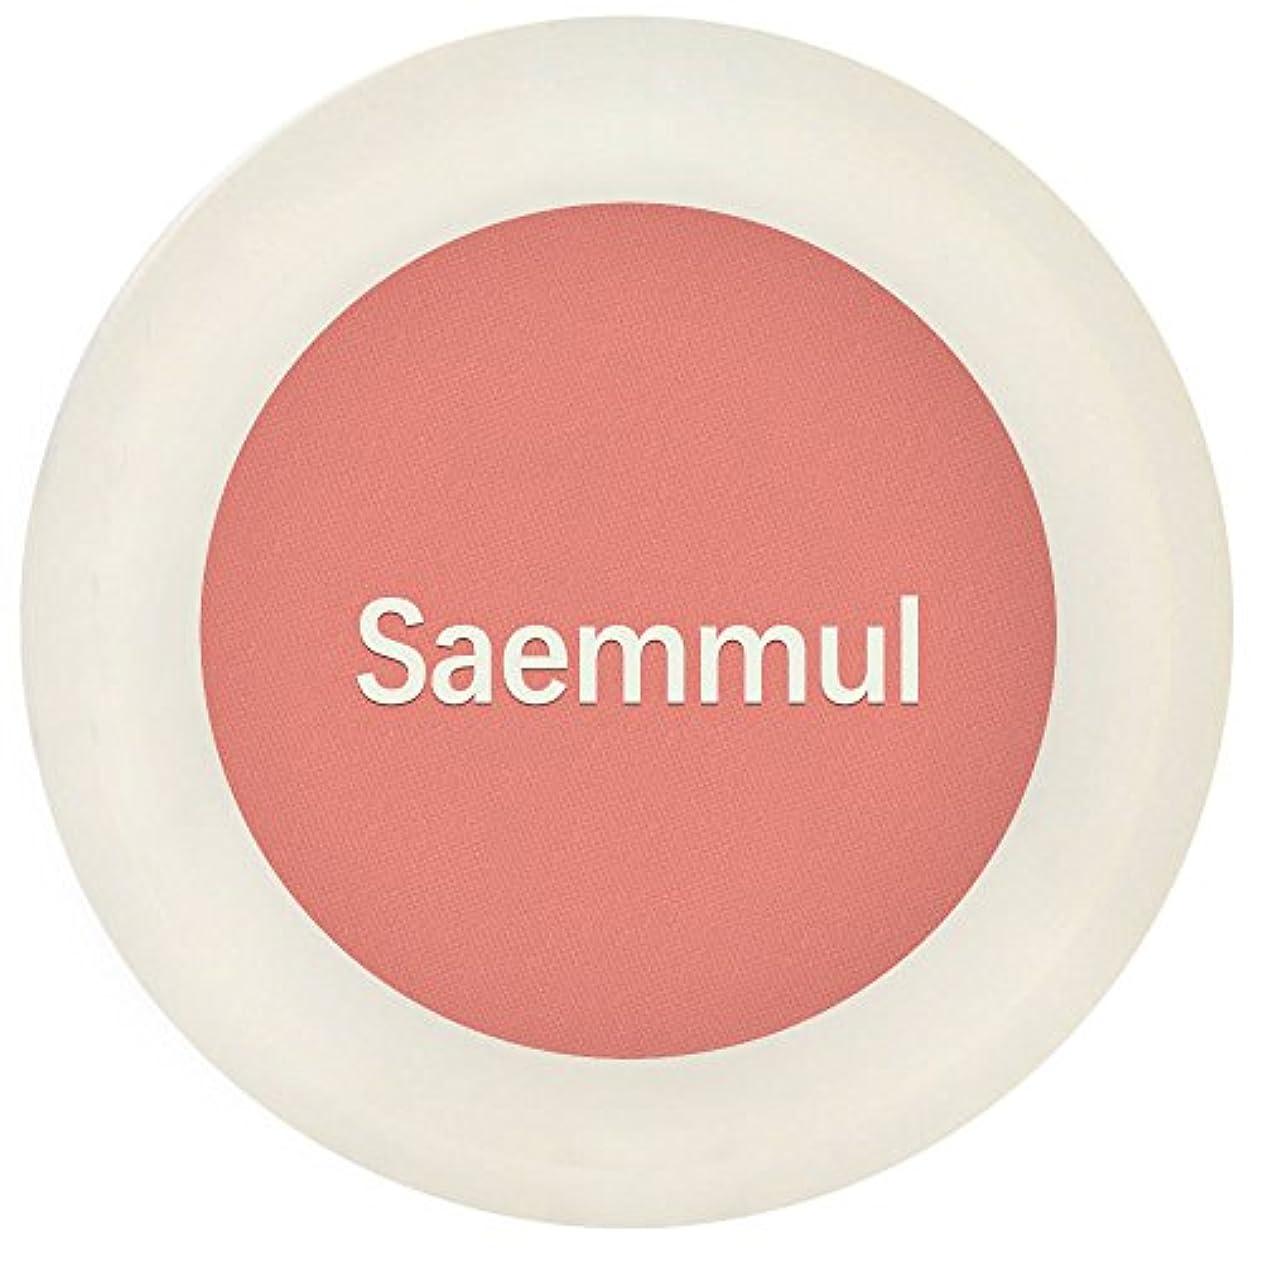 関数自由予約【the SAEM(ザ セム)】センムル シングル シャドウ (マット) I (7カラー選択1) (PK02)